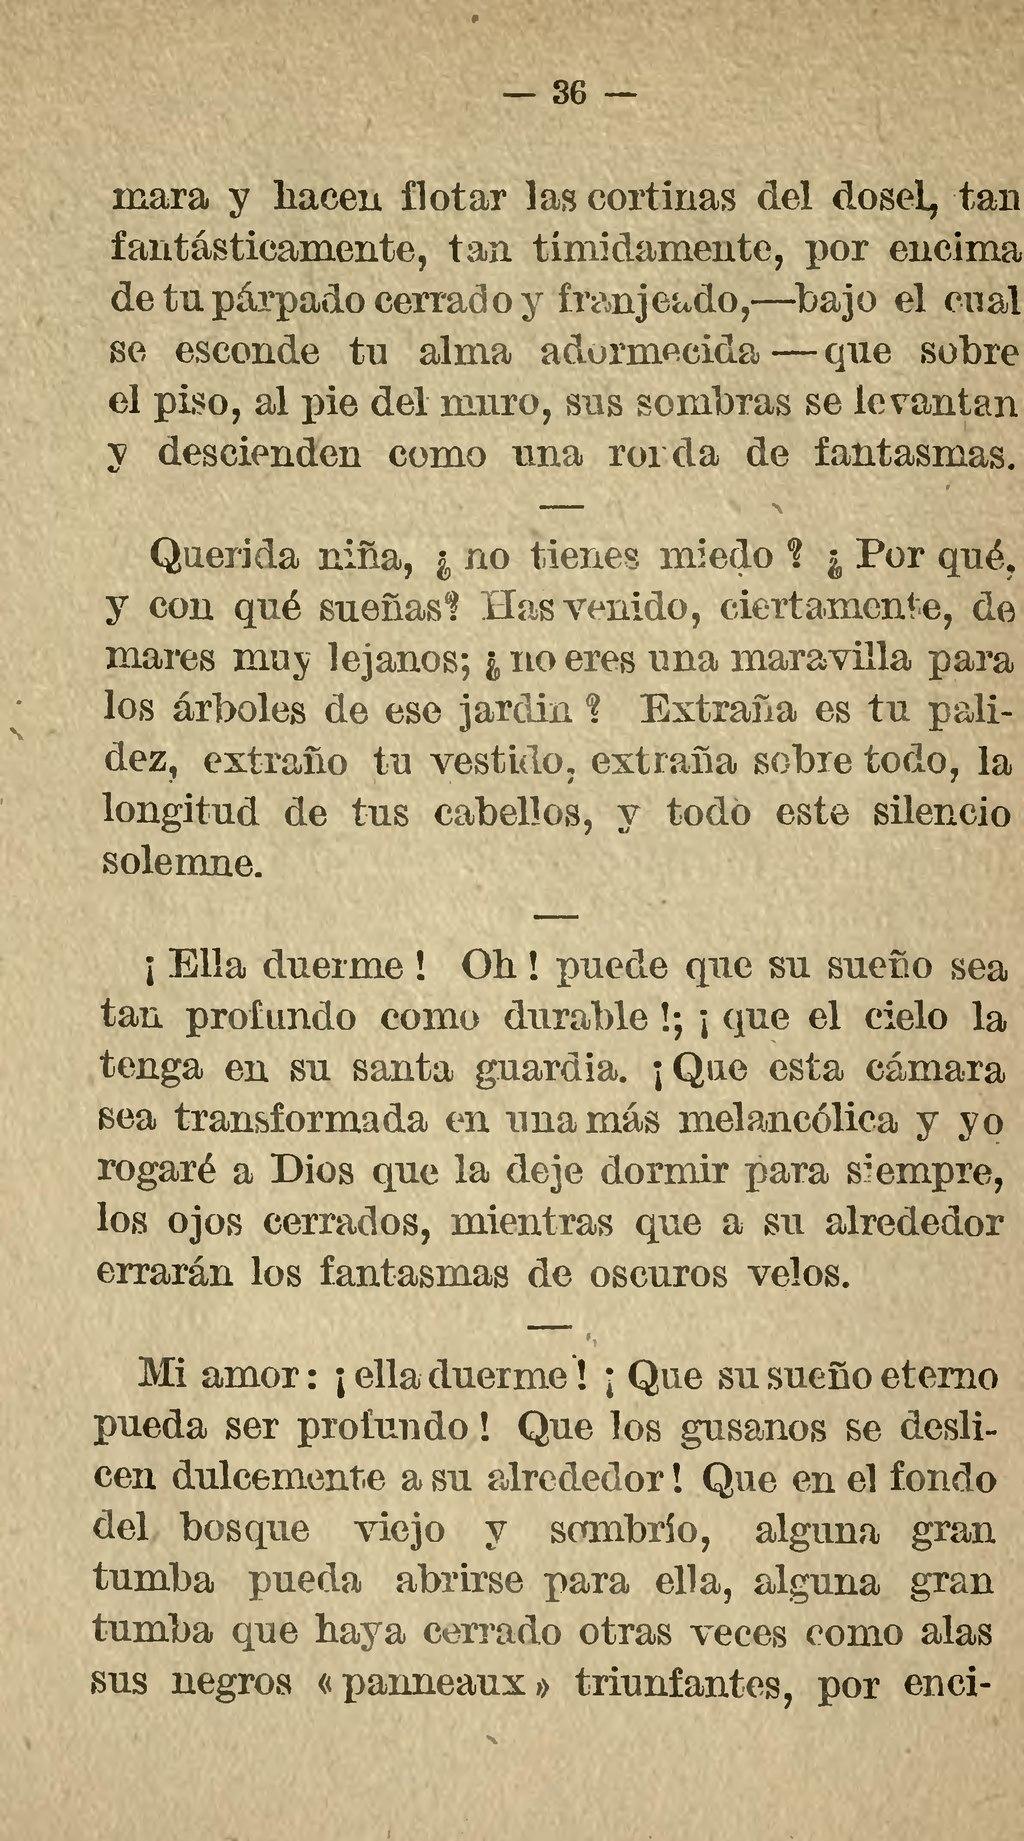 Páginapoemas Edgar A Poedjvu42 Wikisource